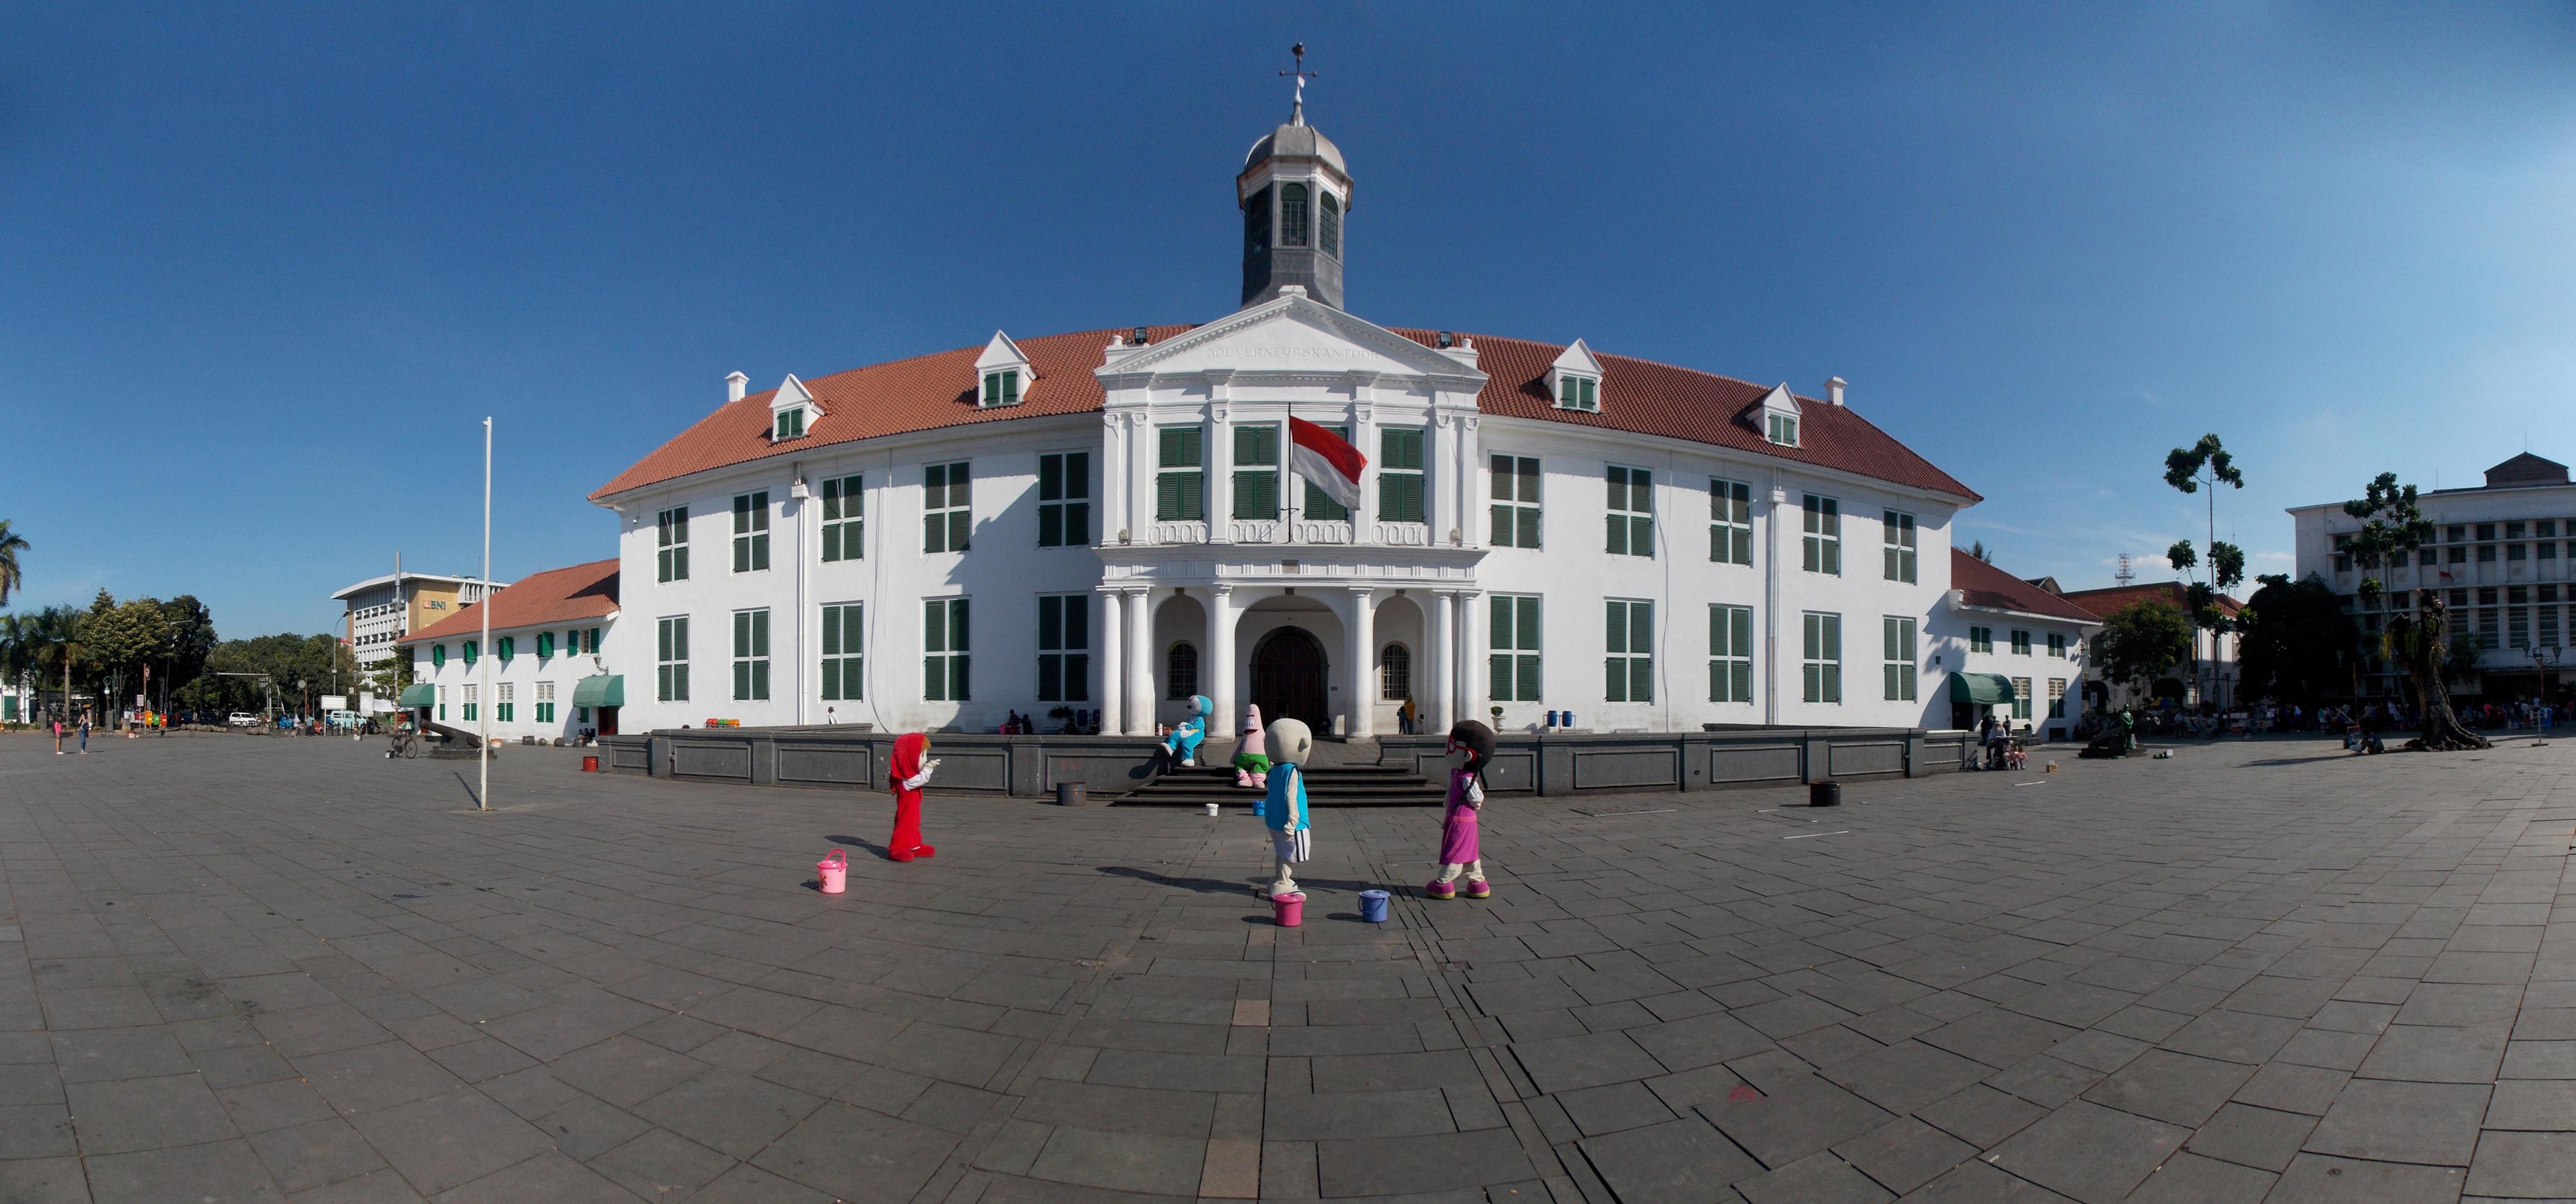 Museum Fatahillah Wikipedia Bahasa Indonesia Ensiklopedia Bebas Gouverneurskantoor 100415 Jpg